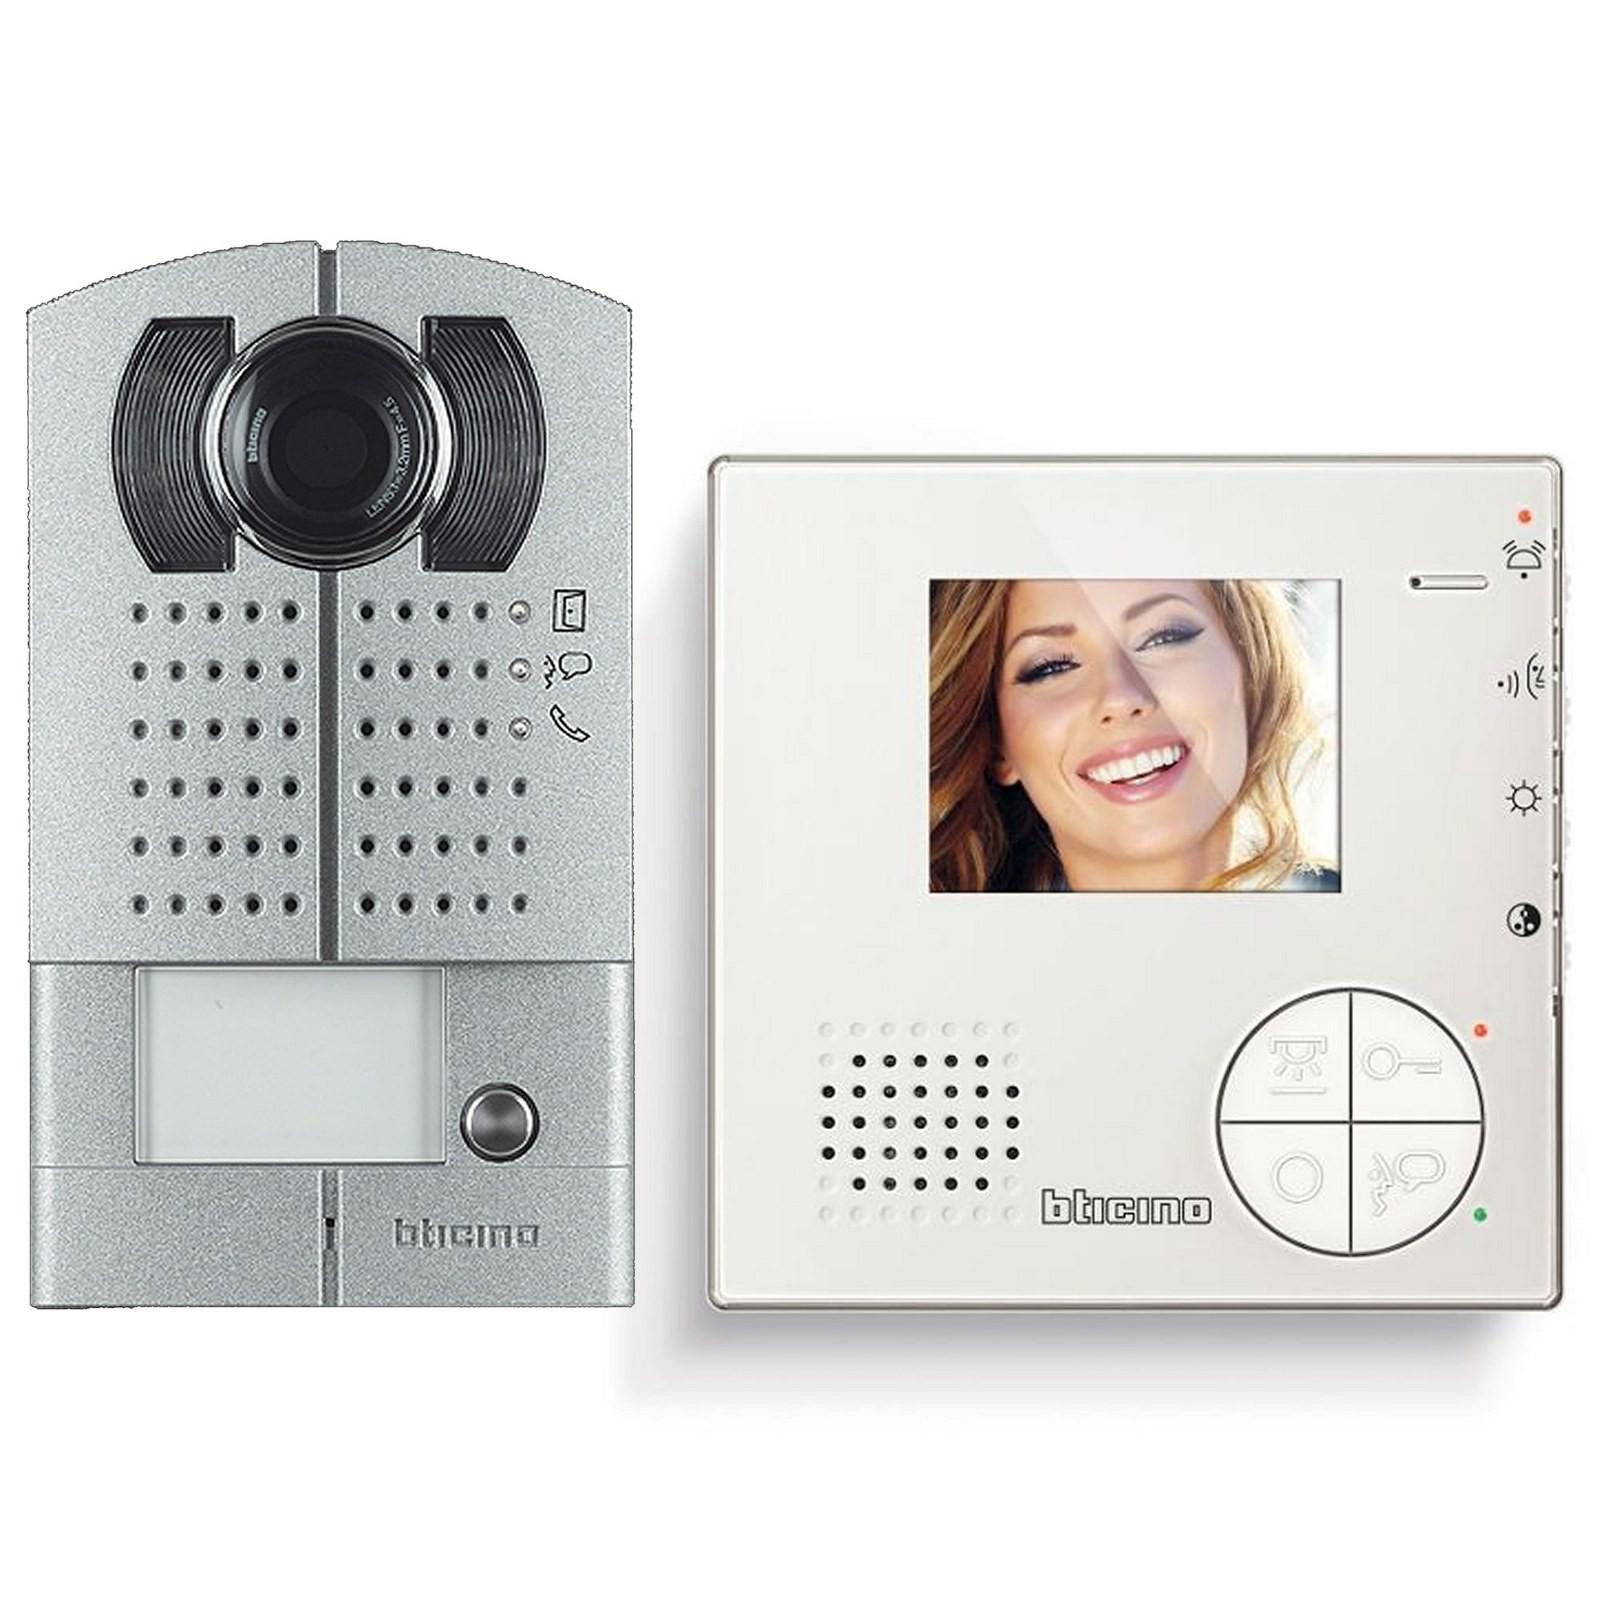 Kit videocitofono monitor video colori 2 fili bticino for Videocitofono bticino prezzi